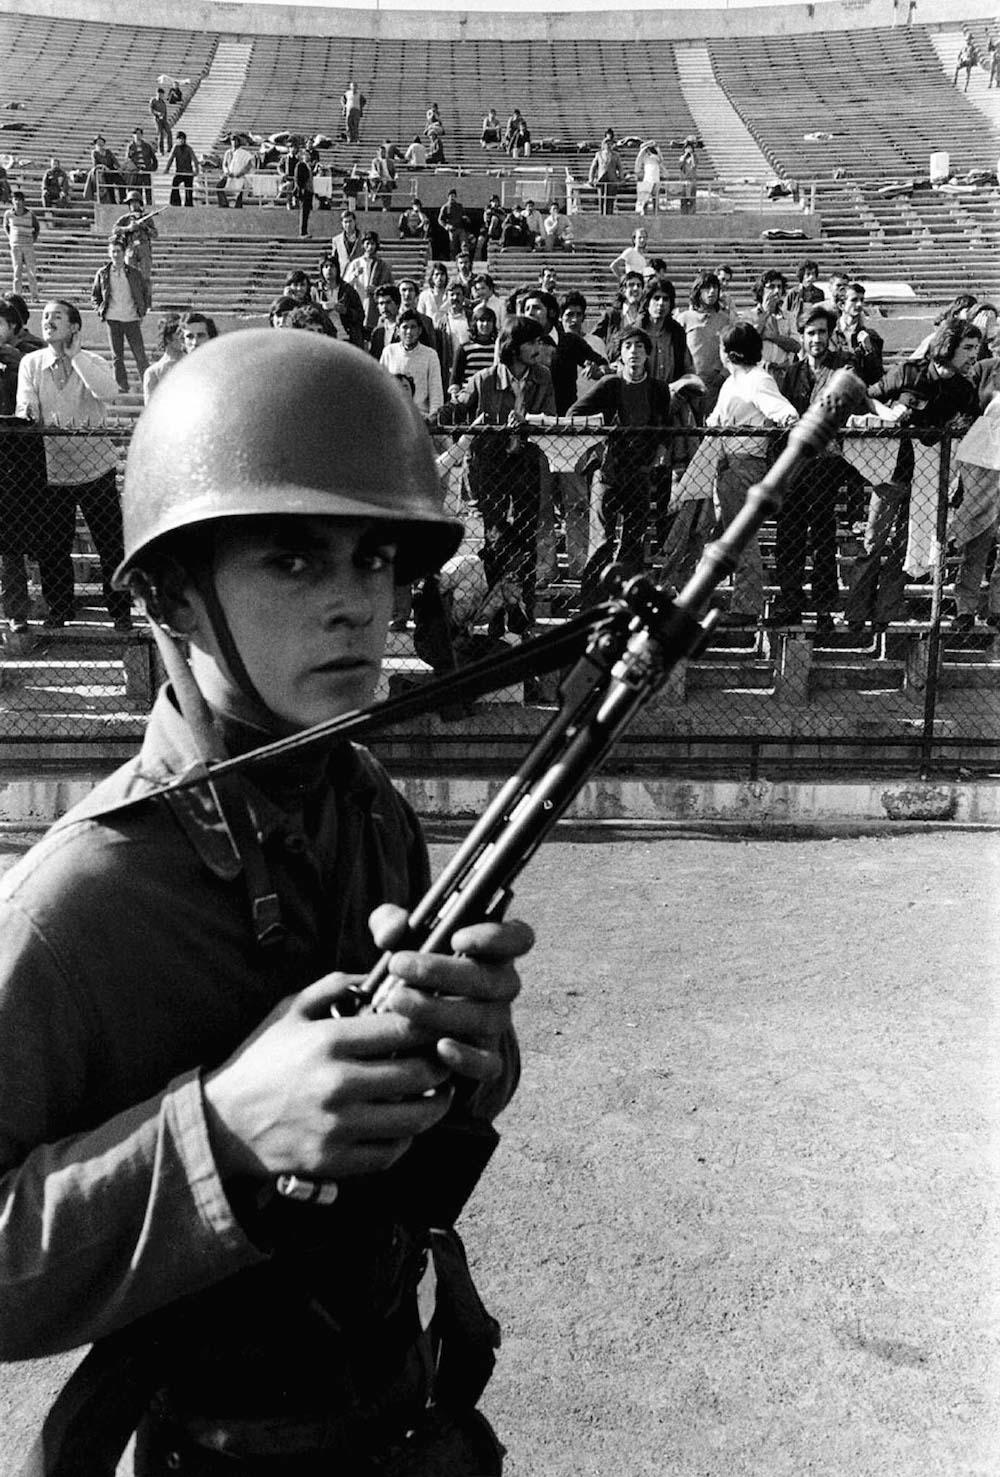 Golpe-de-estado-Chile-1973